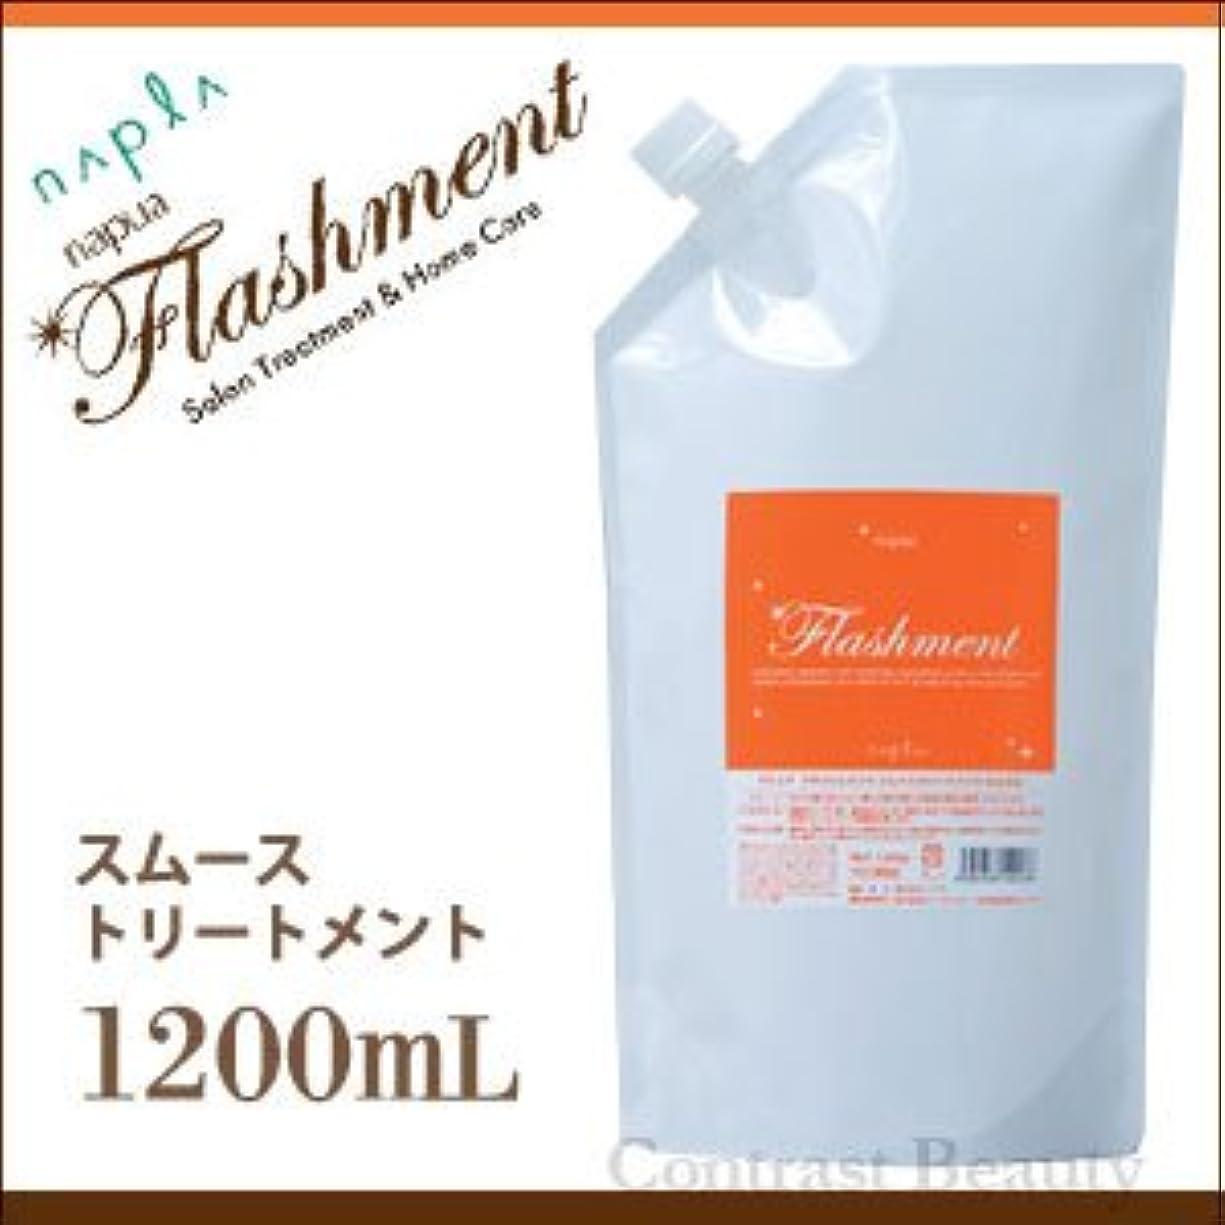 【X5個セット】 ナプラ ナピュア フラッシュメント スムーストリートメント 1,200ml 【業務用ヘアトリートメント】